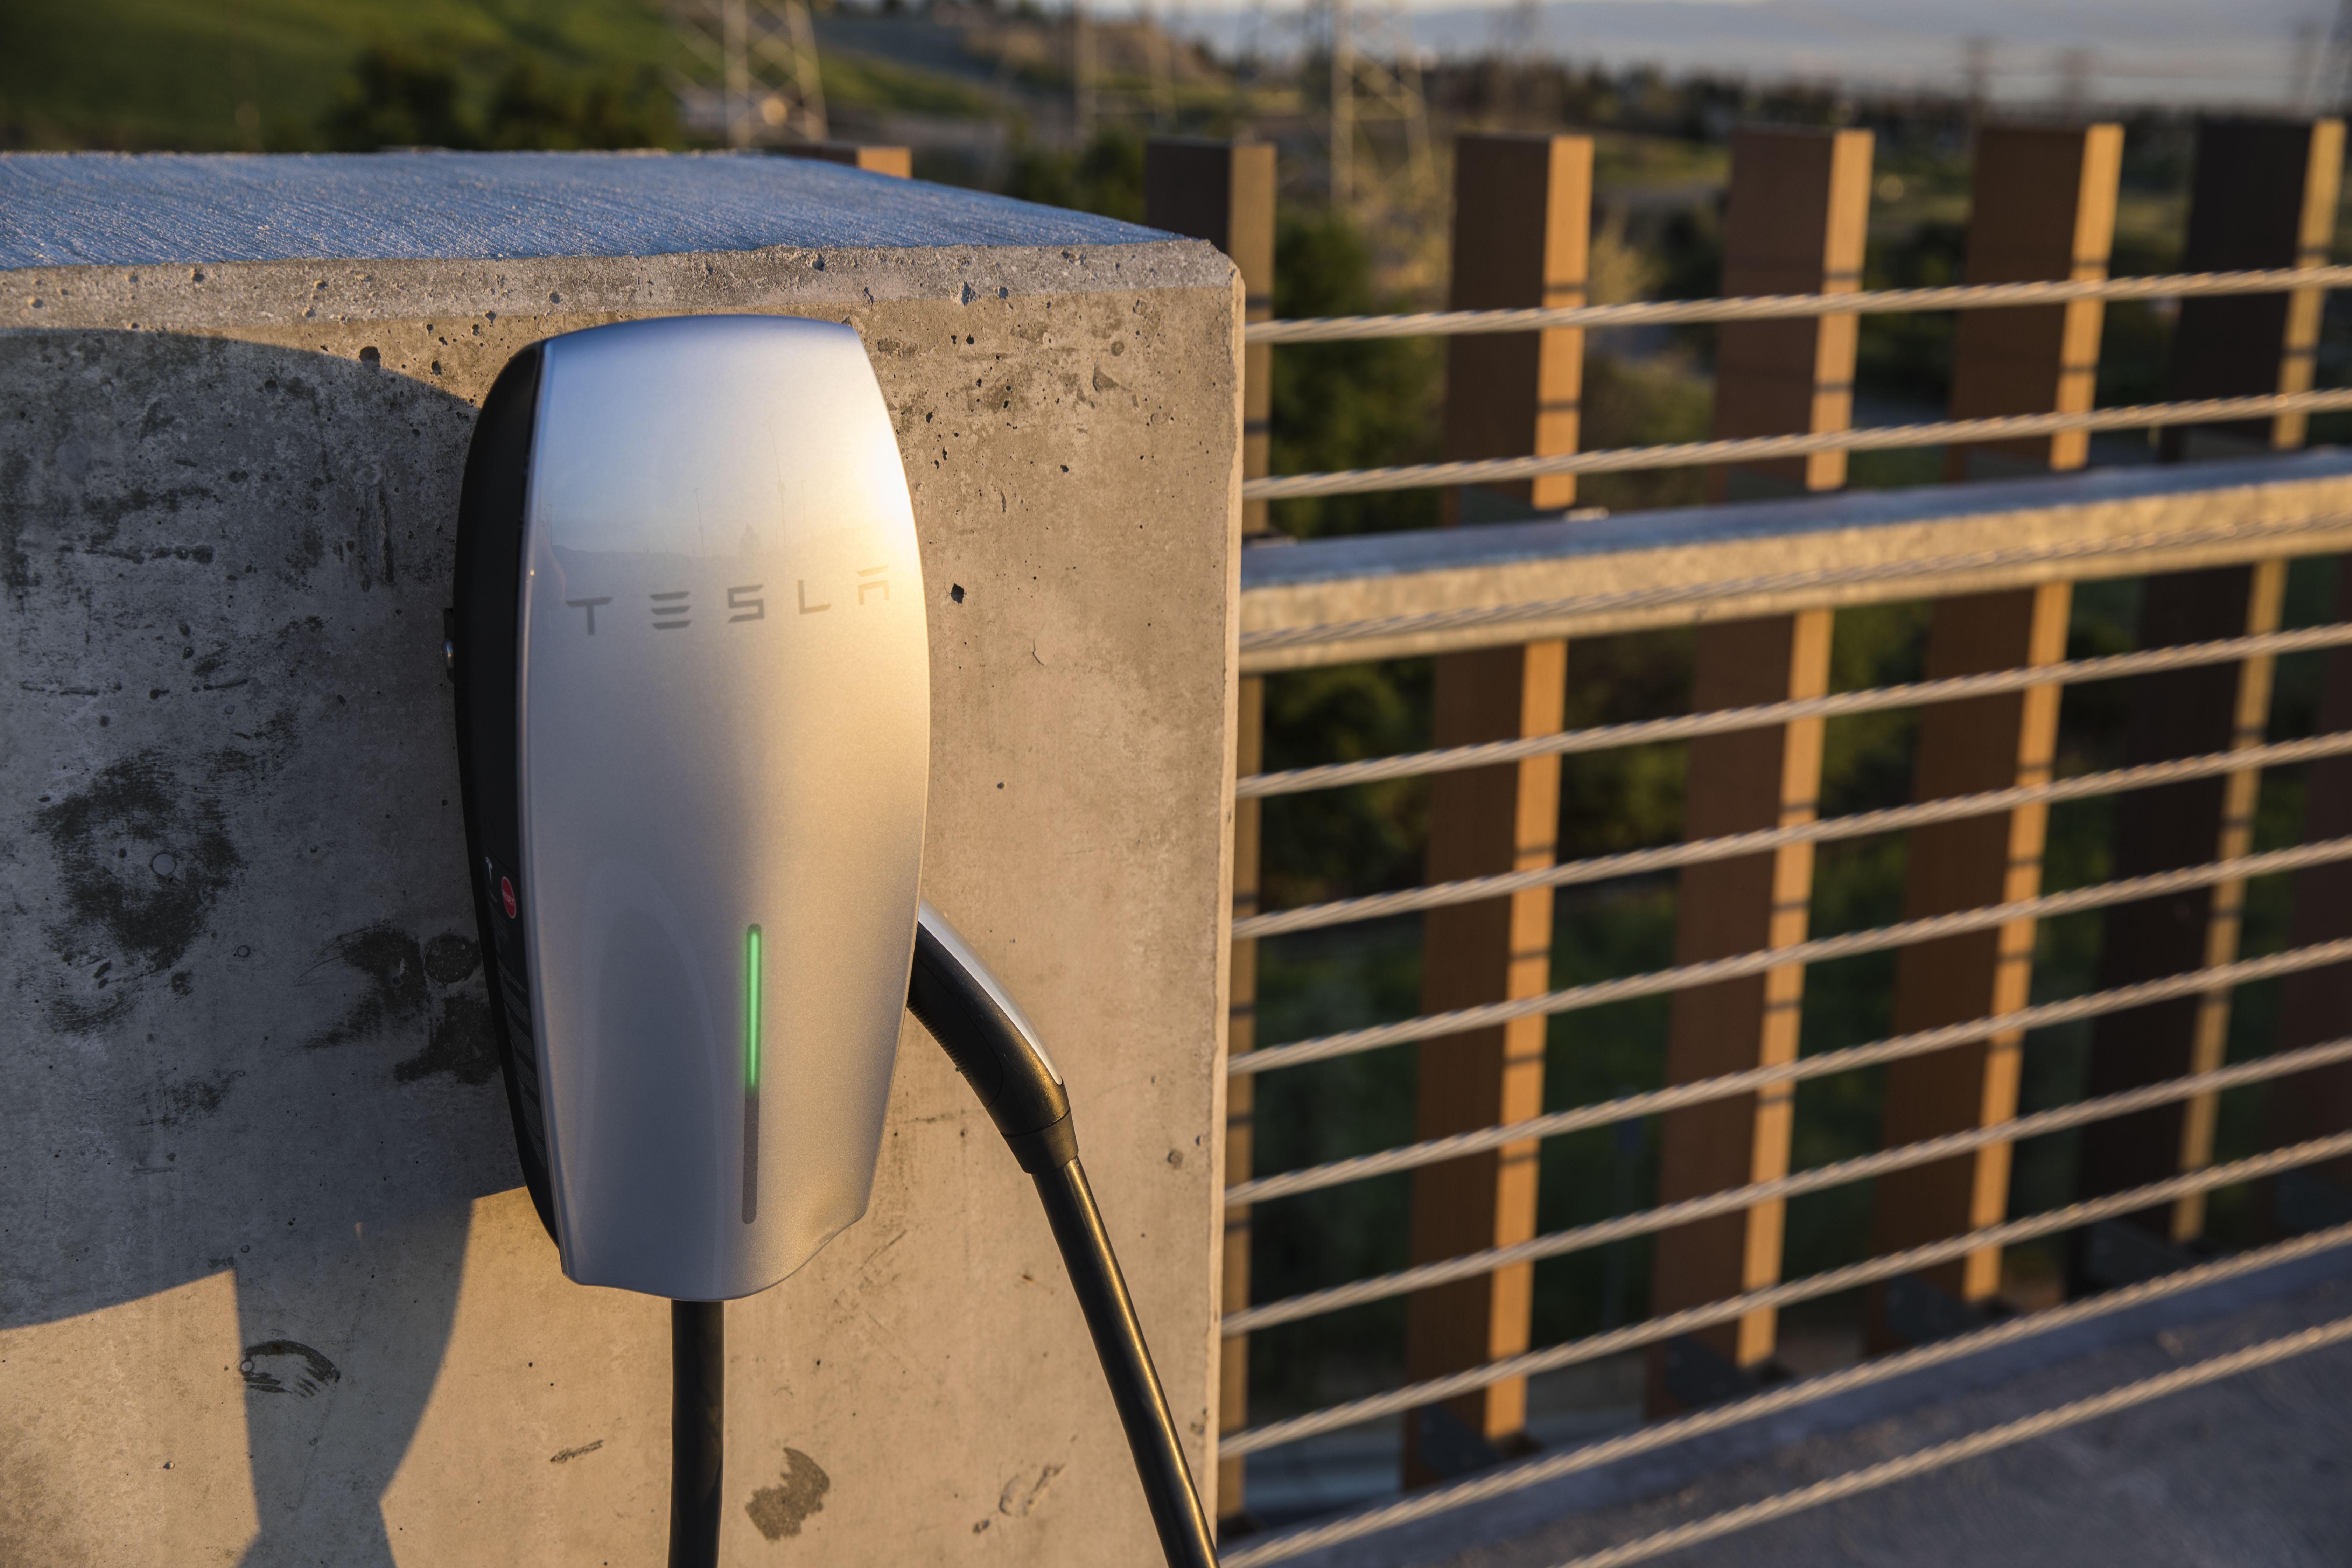 A Tesla destination charger